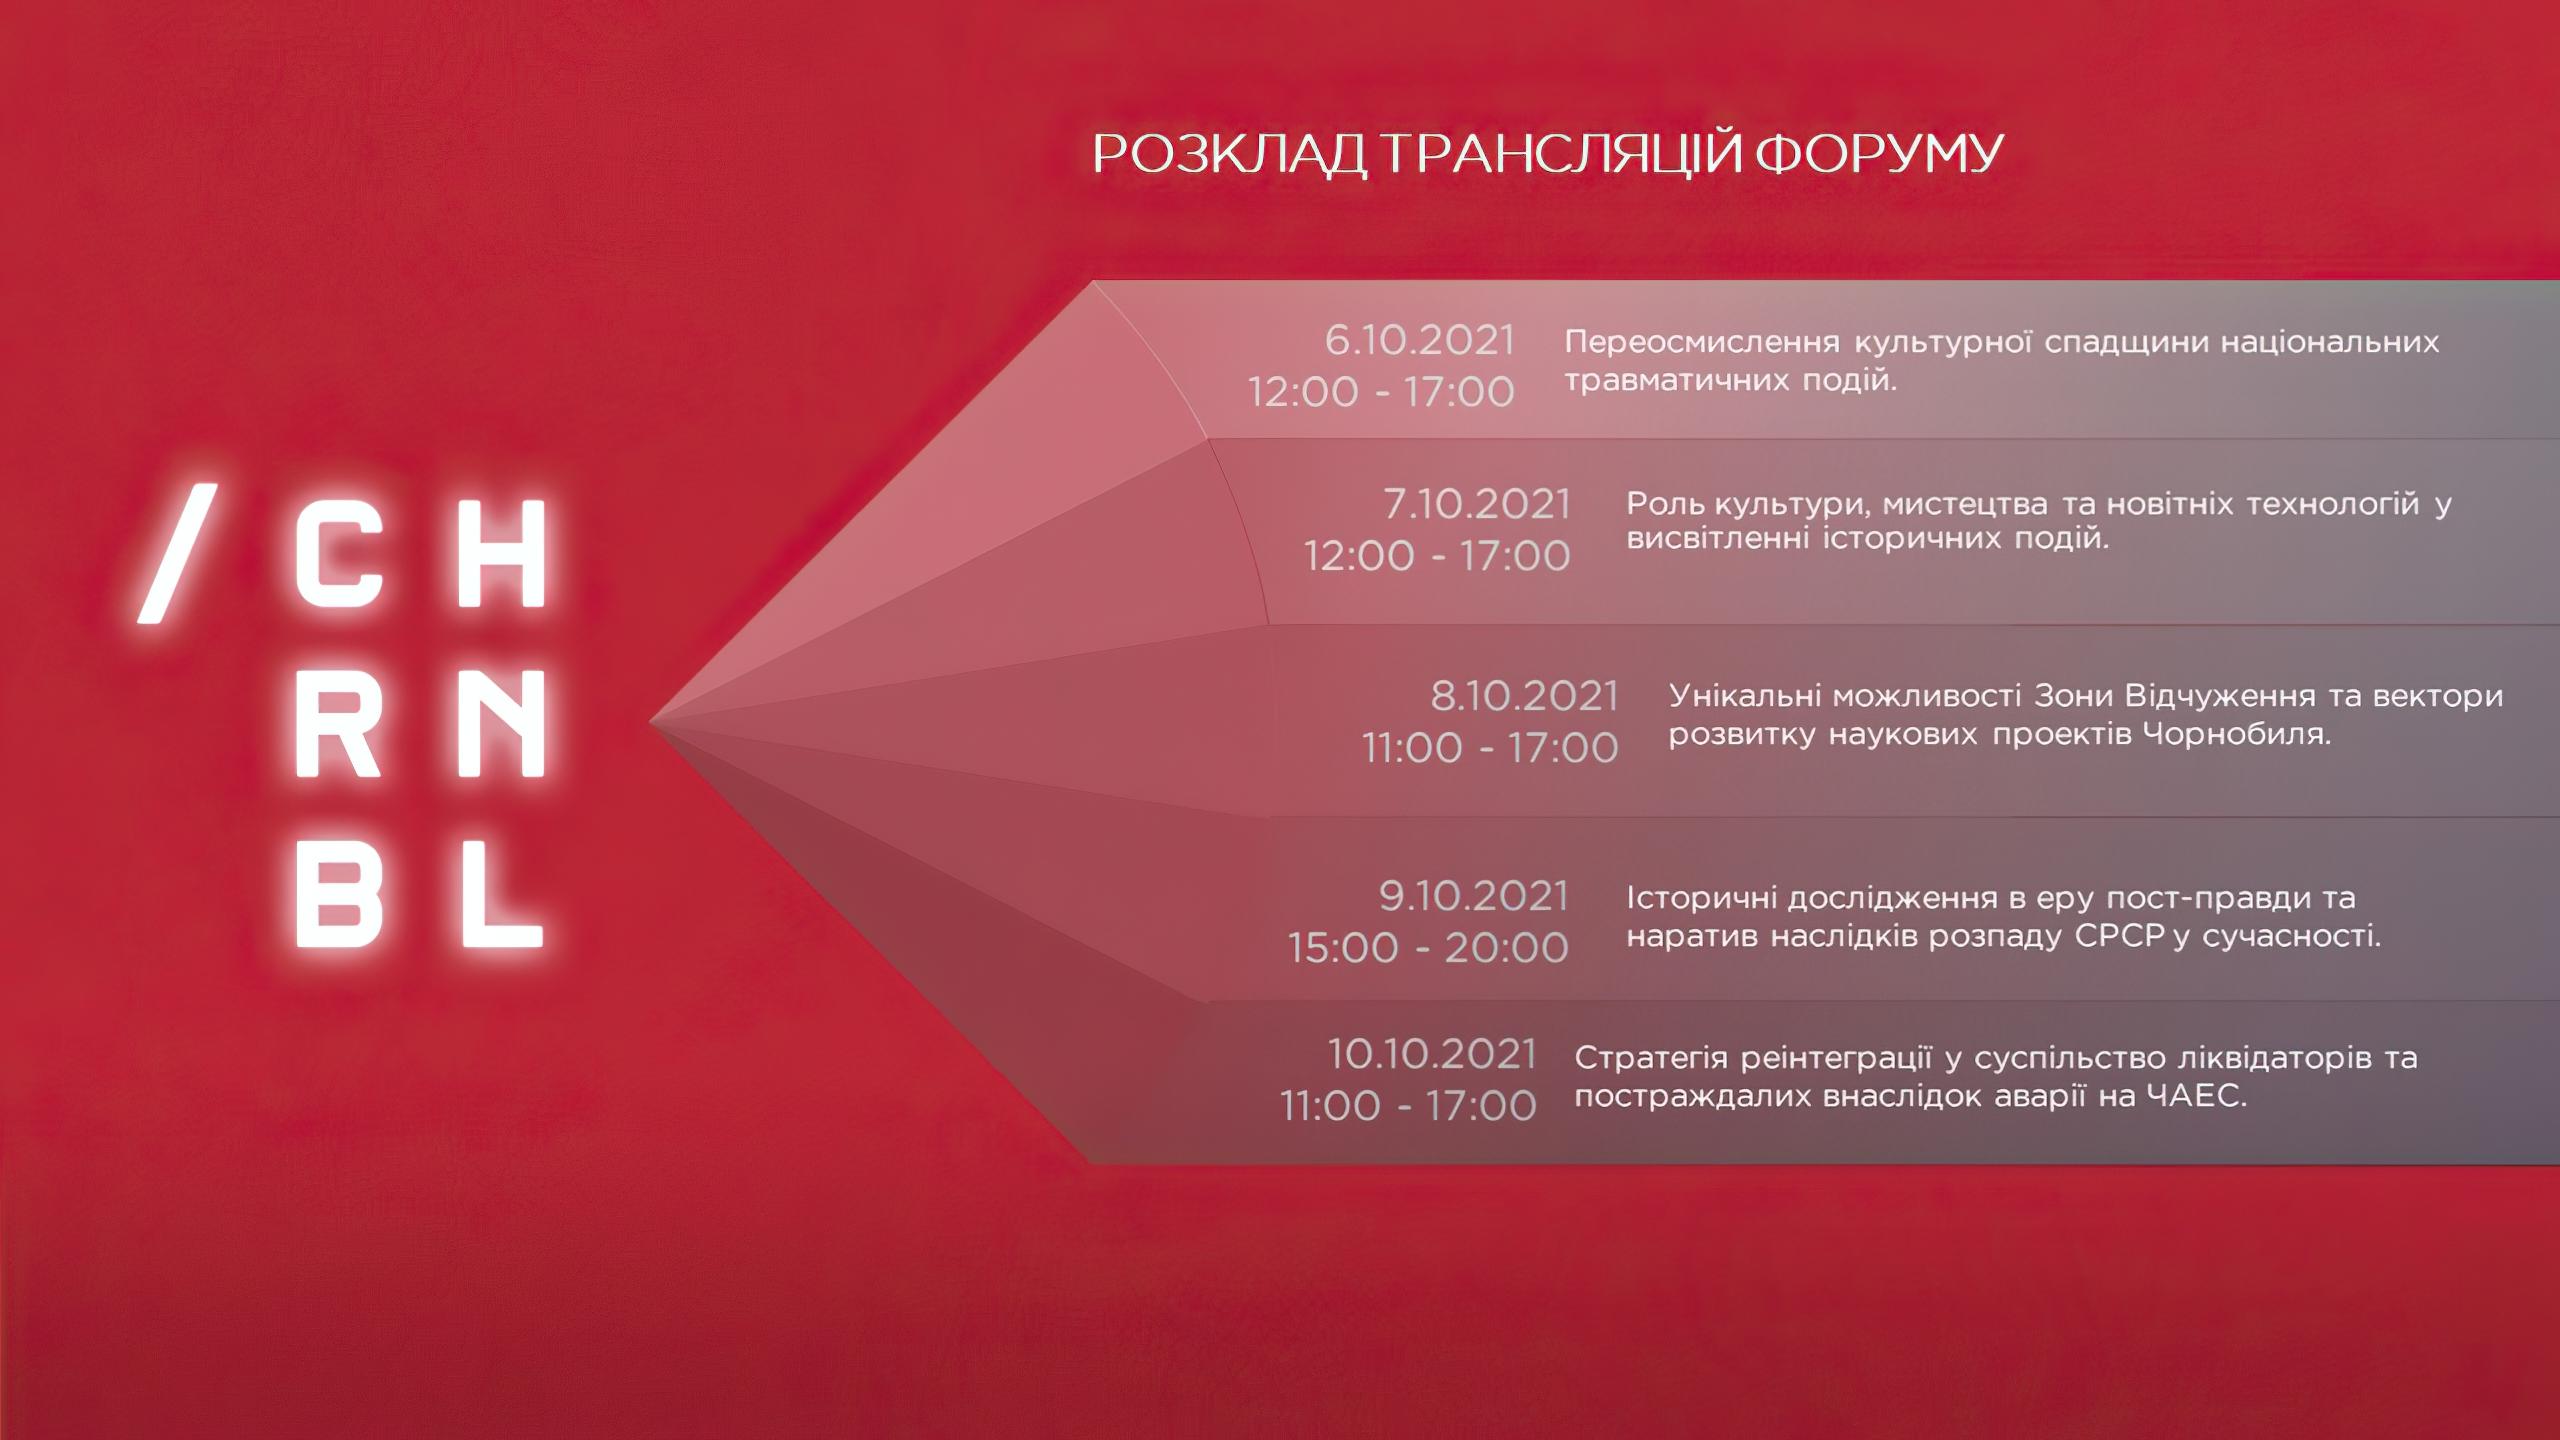 Перший мобільний додаток Чорнобиля запрошує на міжнародний форум та інтерактивну виставку CHRNBL